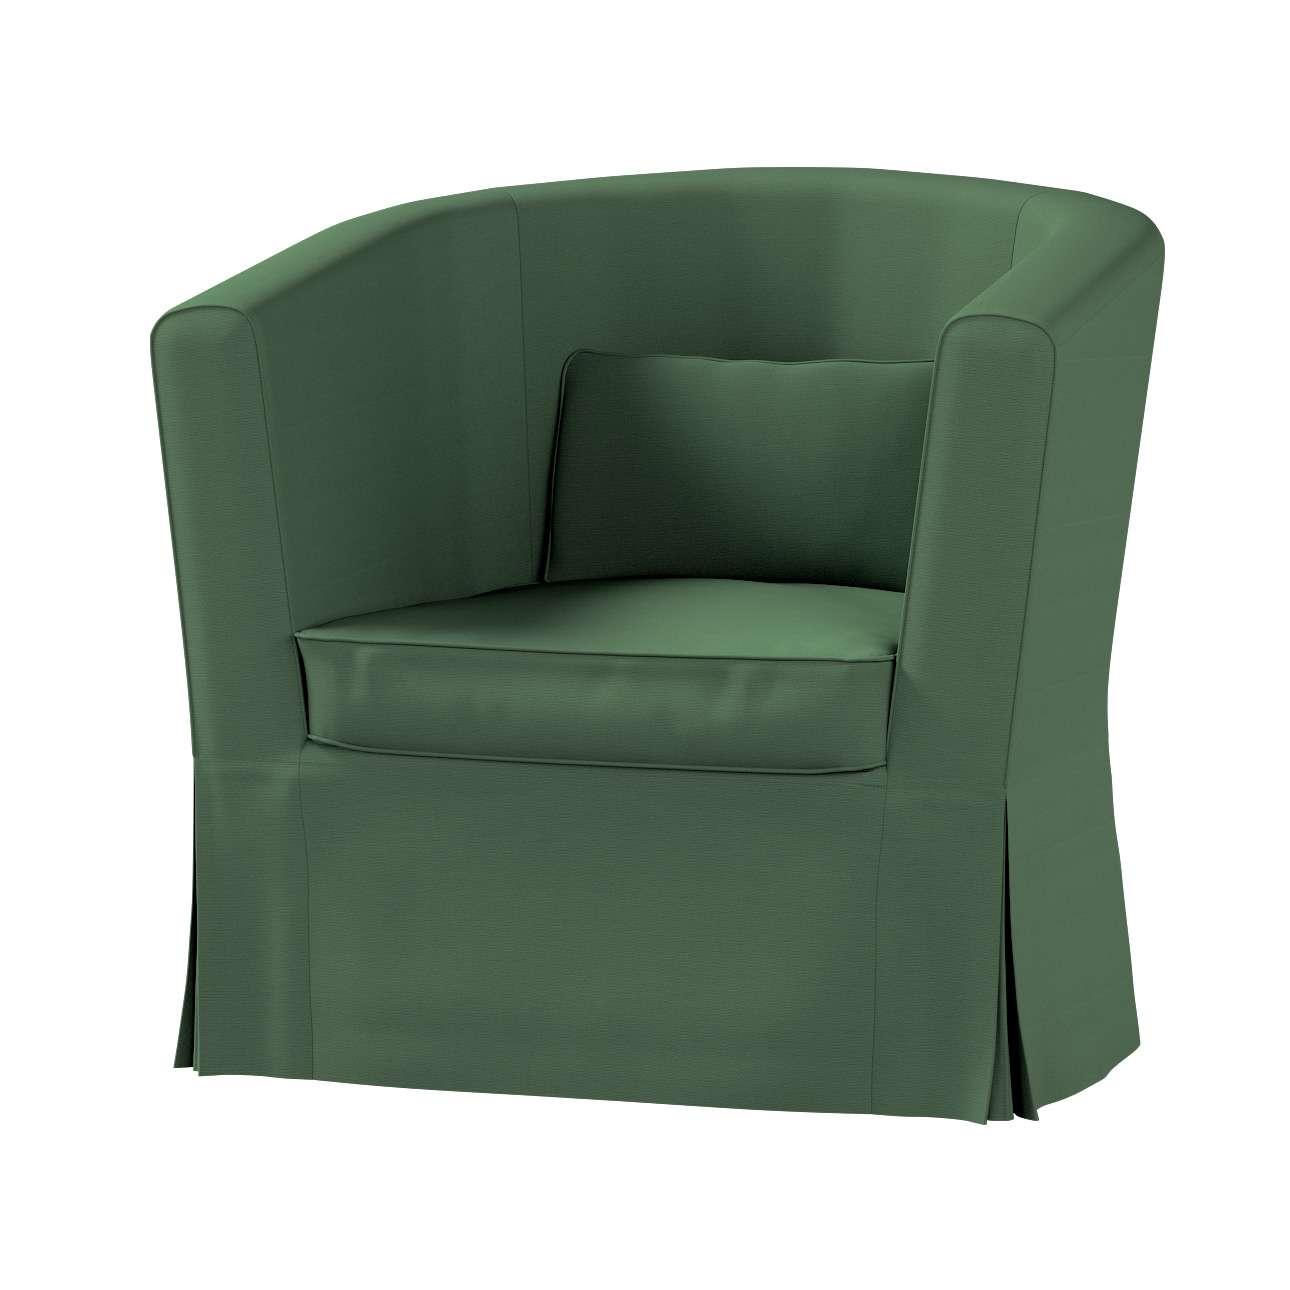 EKTORP TULLSTA fotelio užvalkalas Ektorp Tullsta fotelio užvalkalas kolekcijoje Cotton Panama, audinys: 702-06